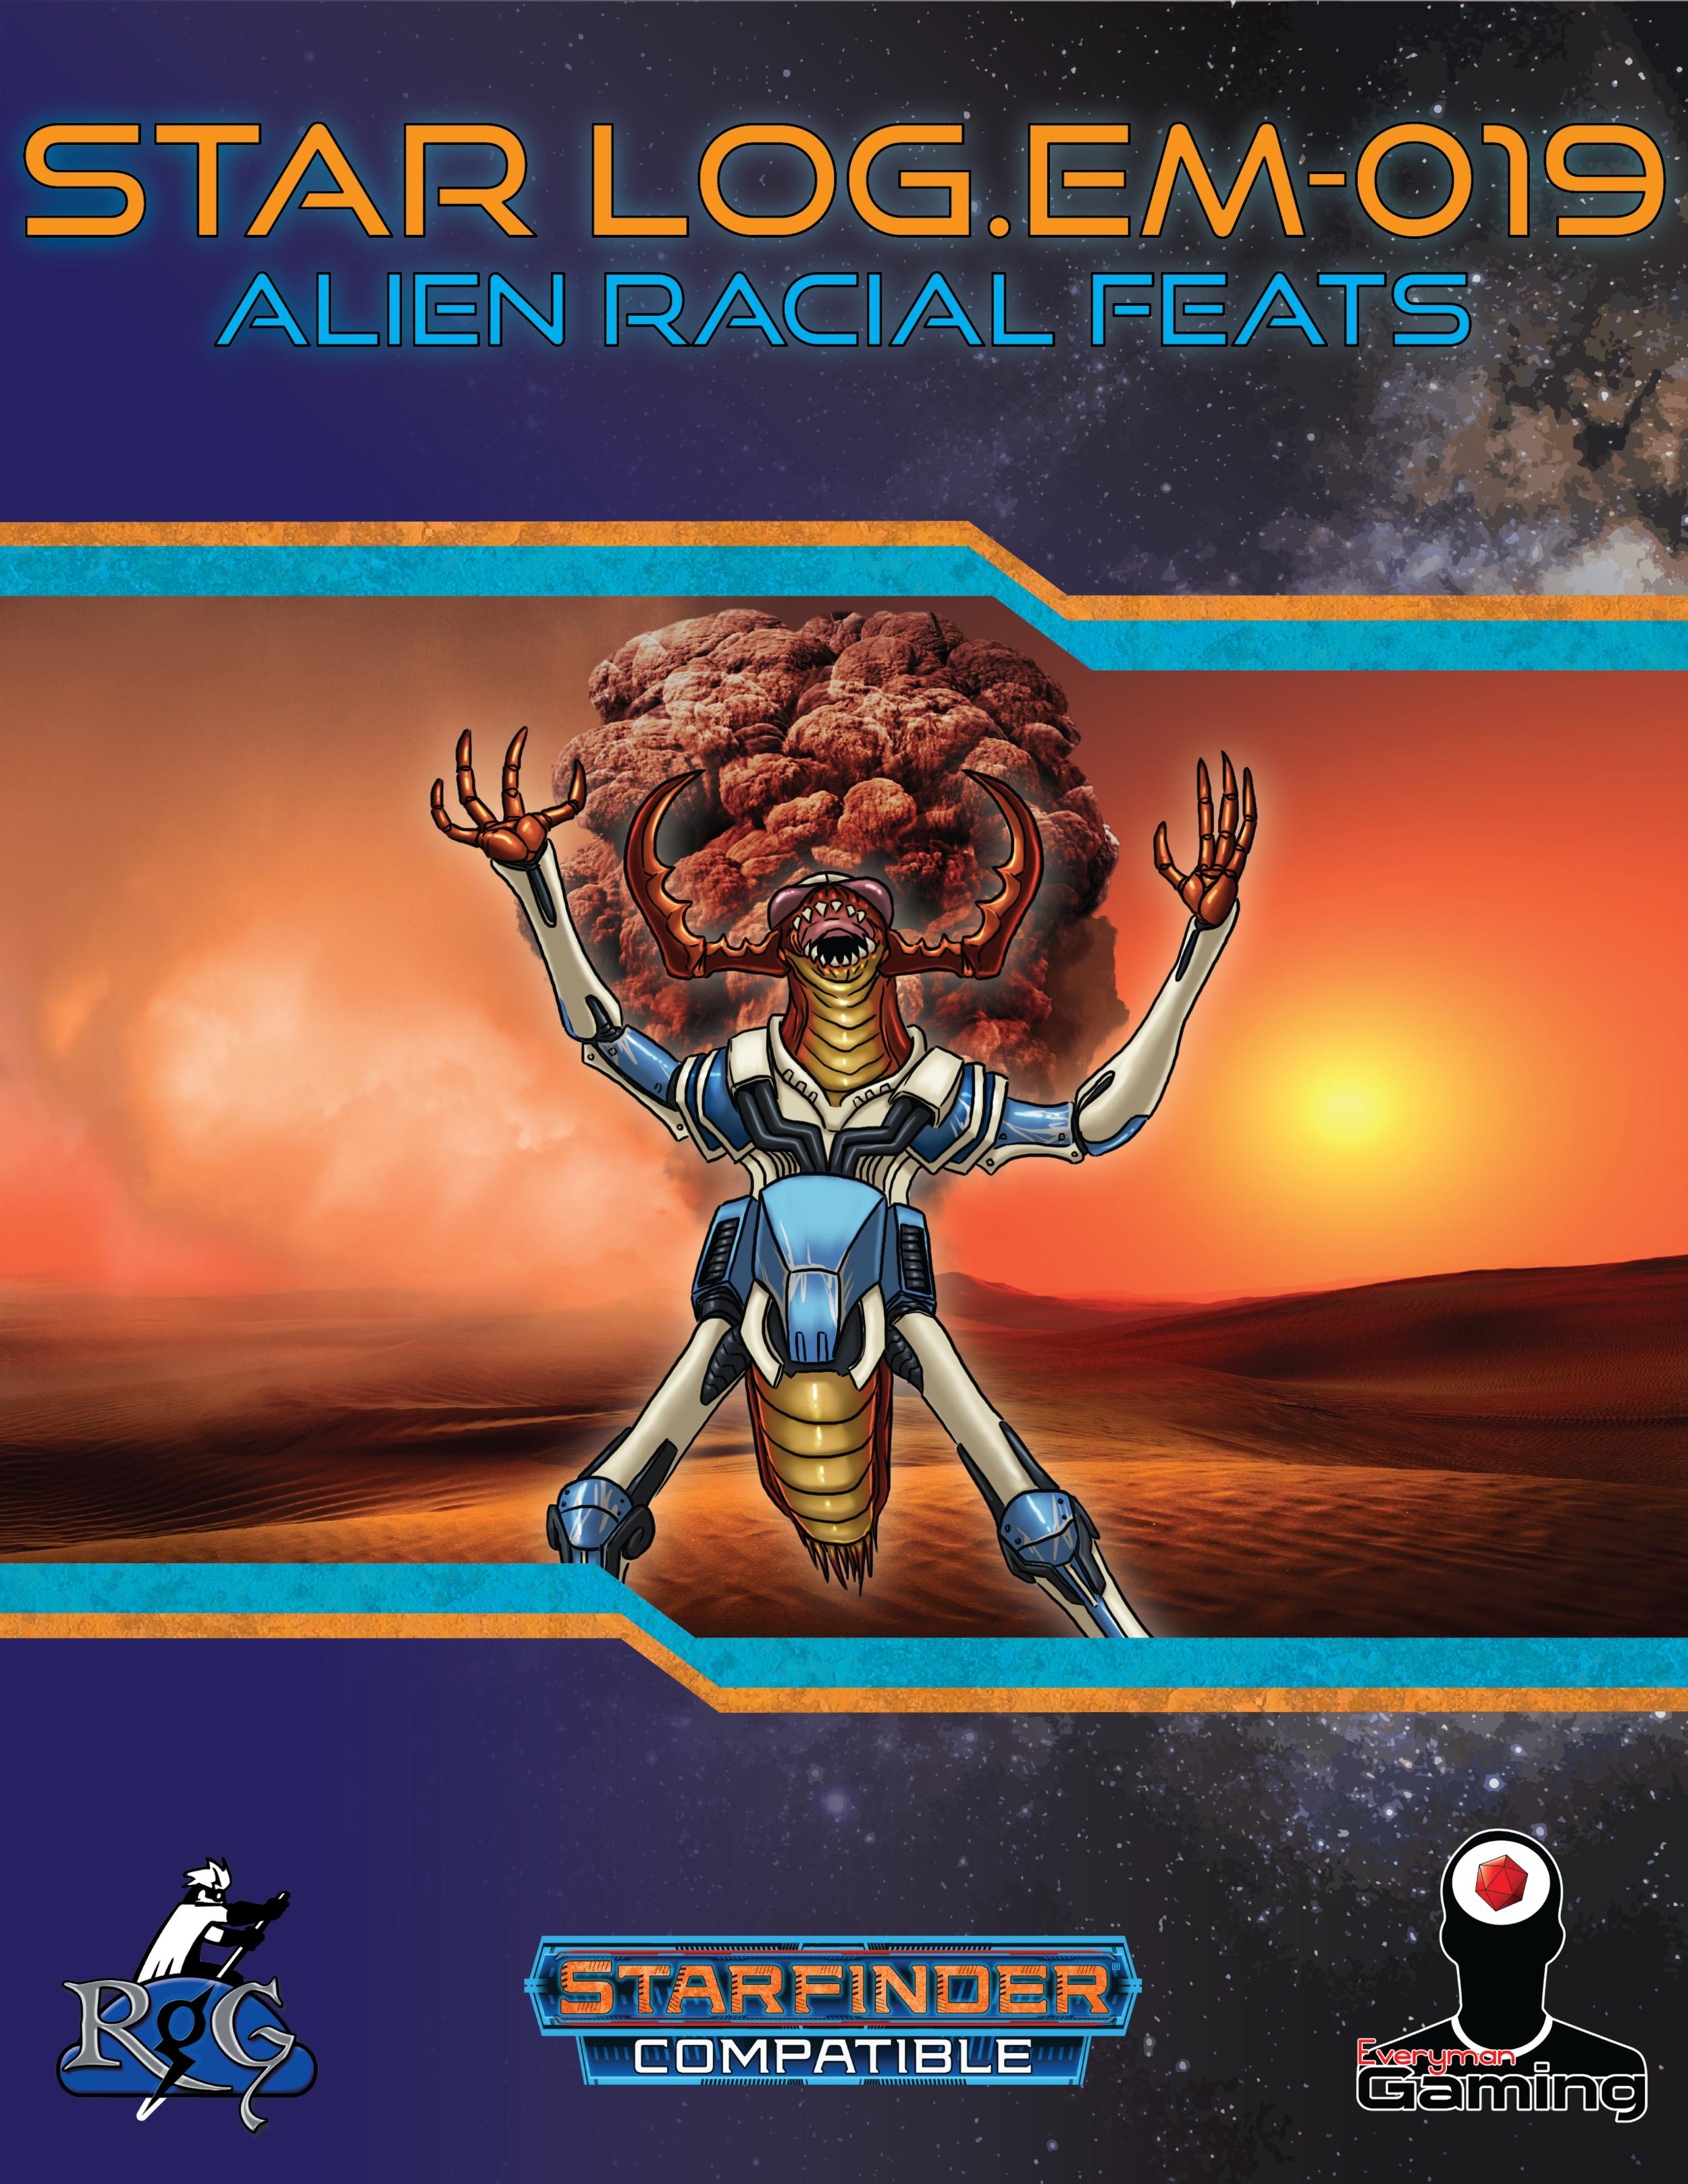 SF019 Alien Racial Feats.png